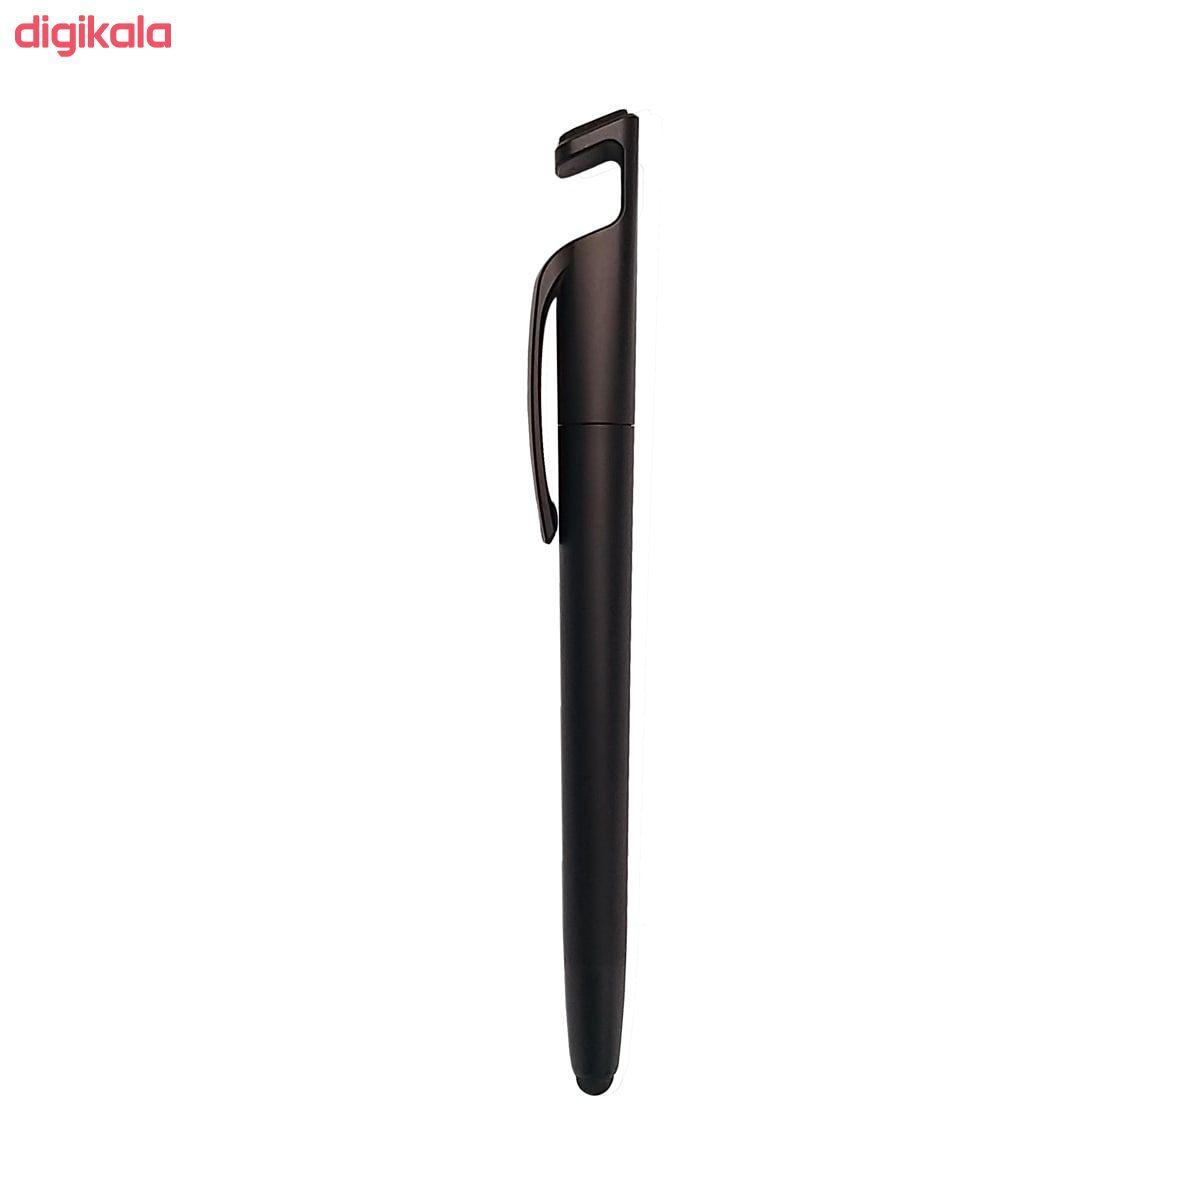 قلم لمسی و پایه نگهدارنده موبایل مدل SKJMRJNQ002369 main 1 14